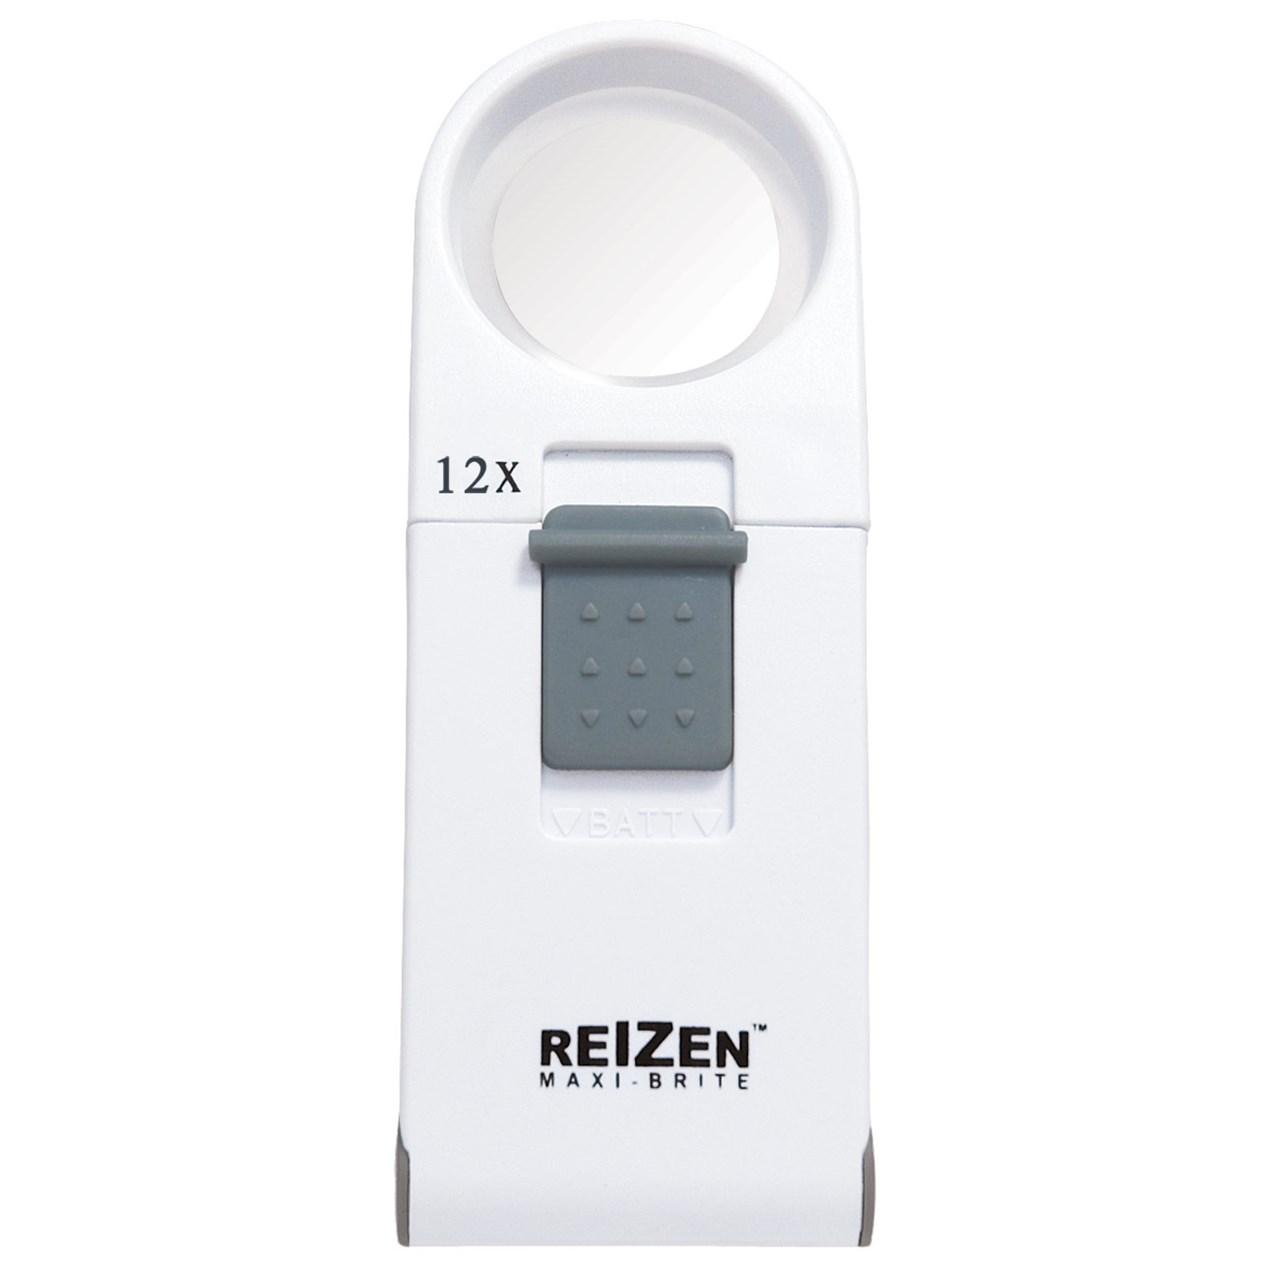 Reizen Maxi-Brite LED Handheld Magnifier - 12X